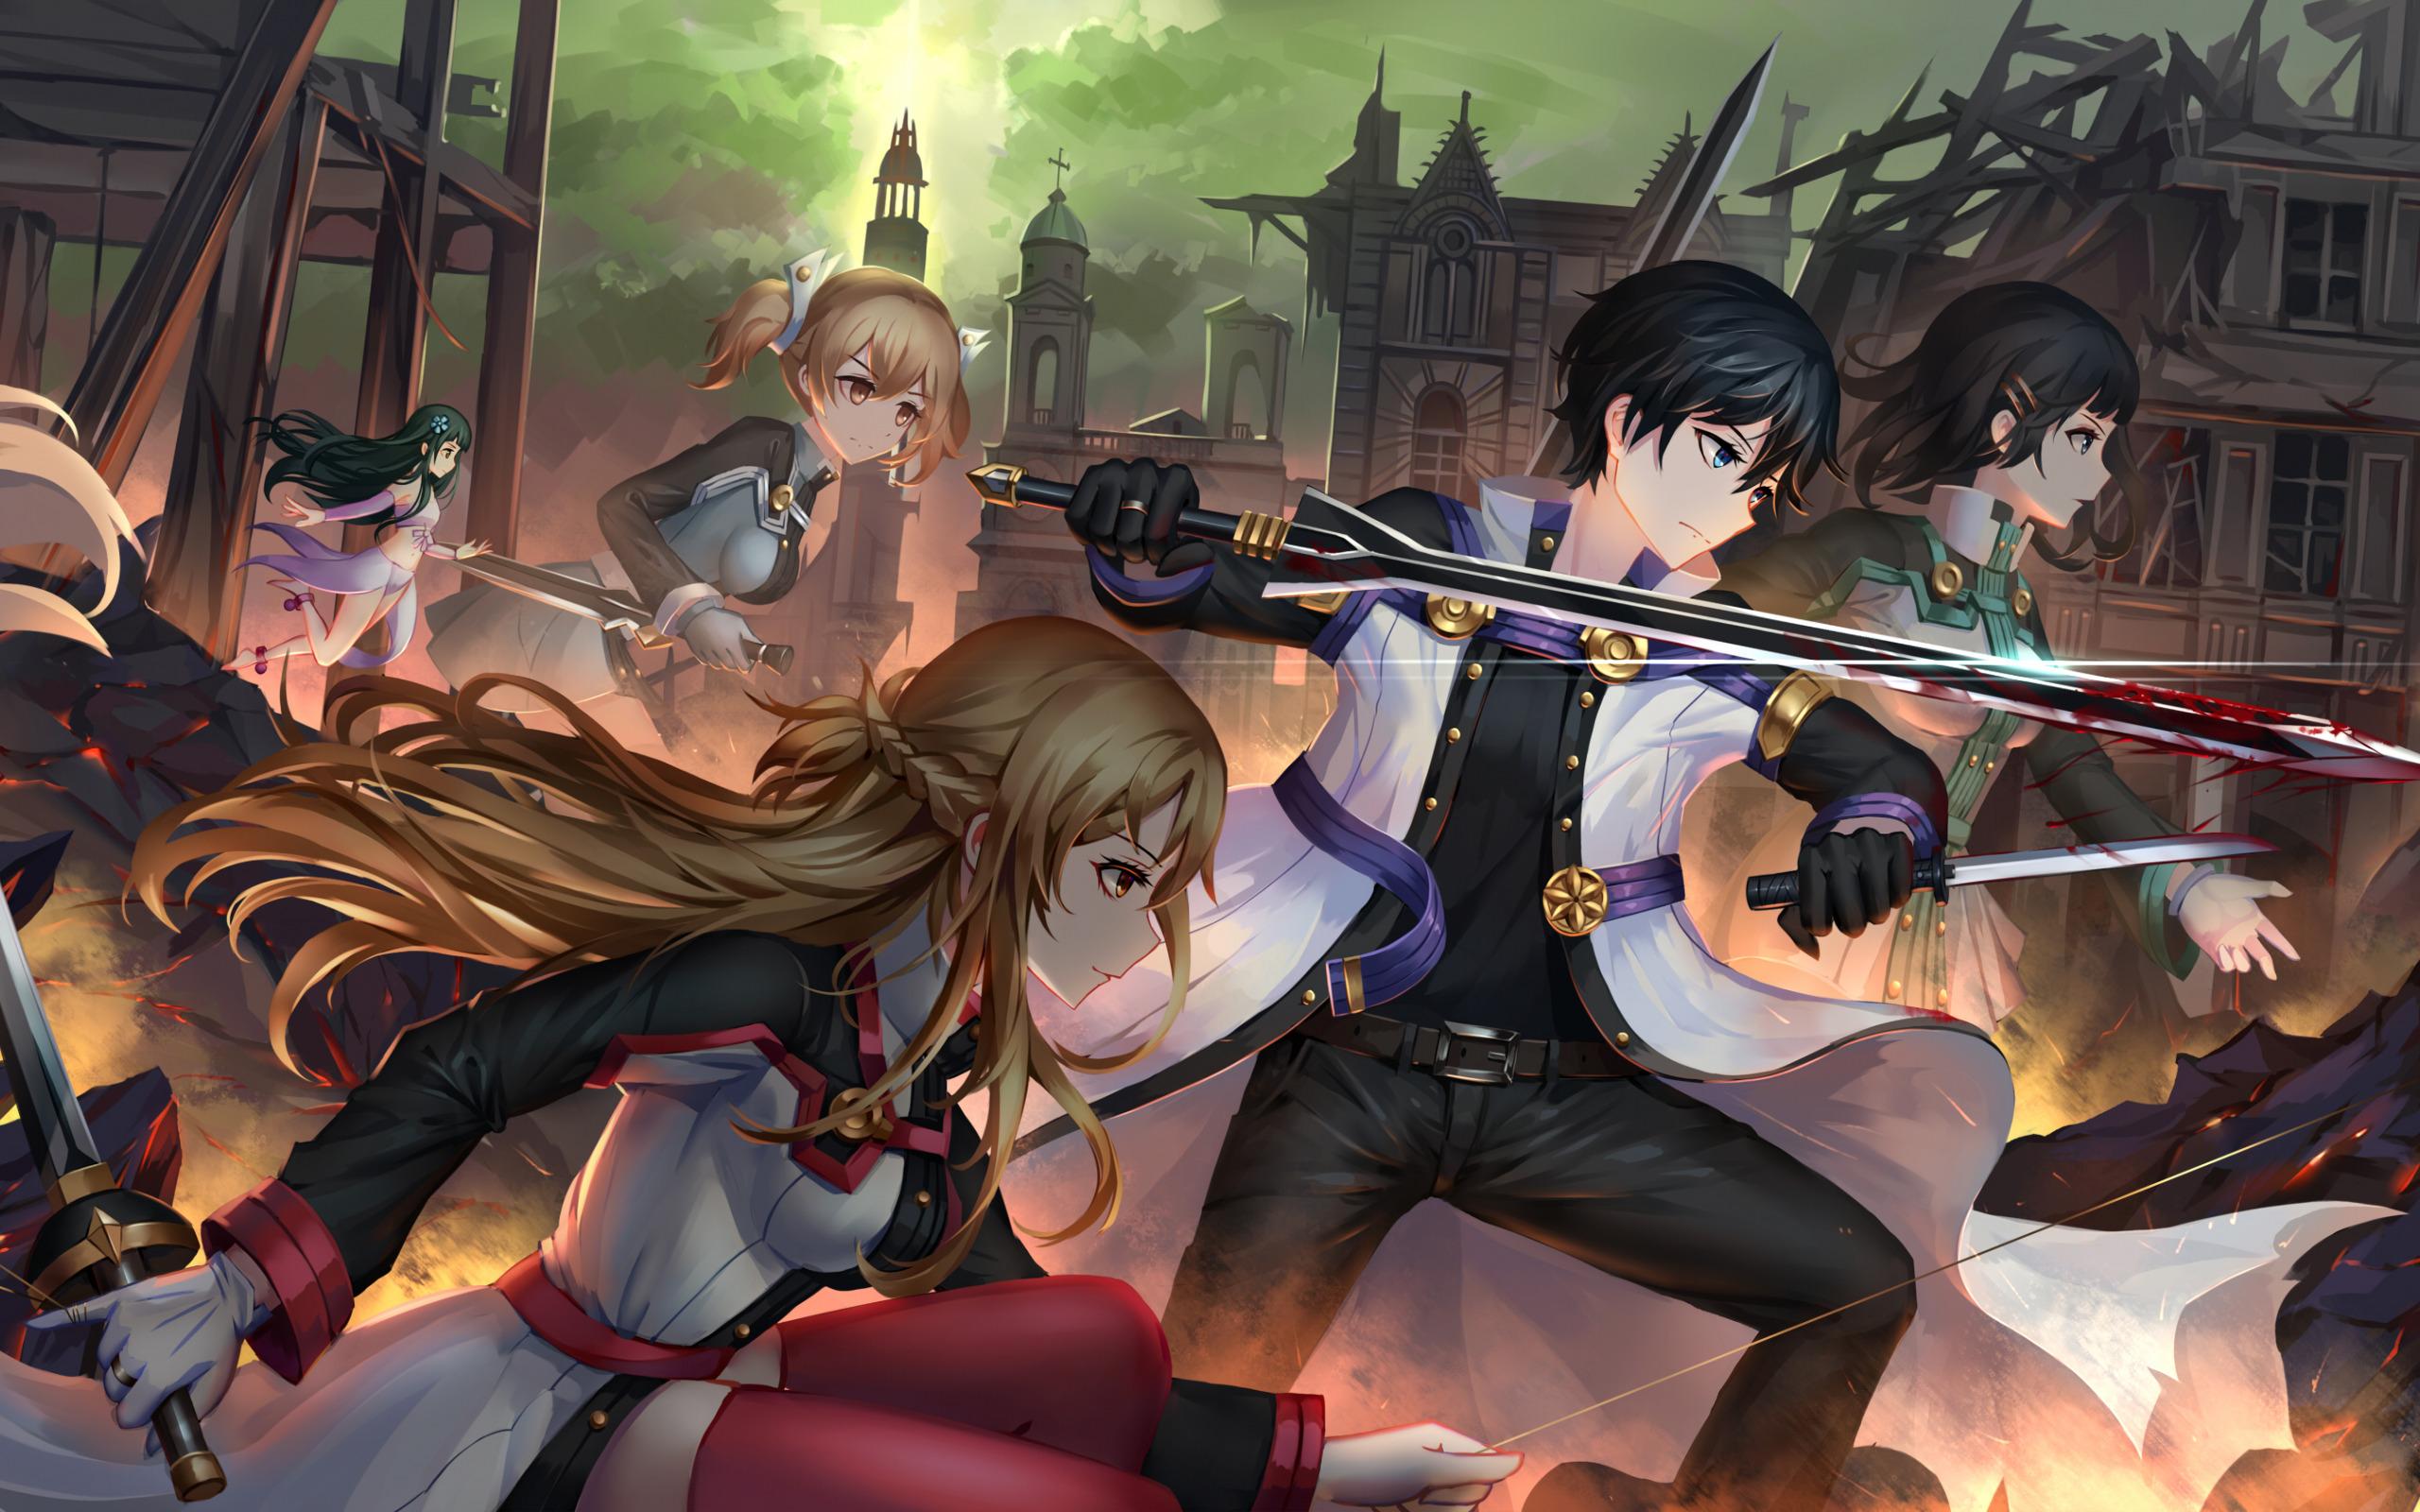 https://i.ibb.co/7VFCDJY/sword-art-online-personazhi.jpg